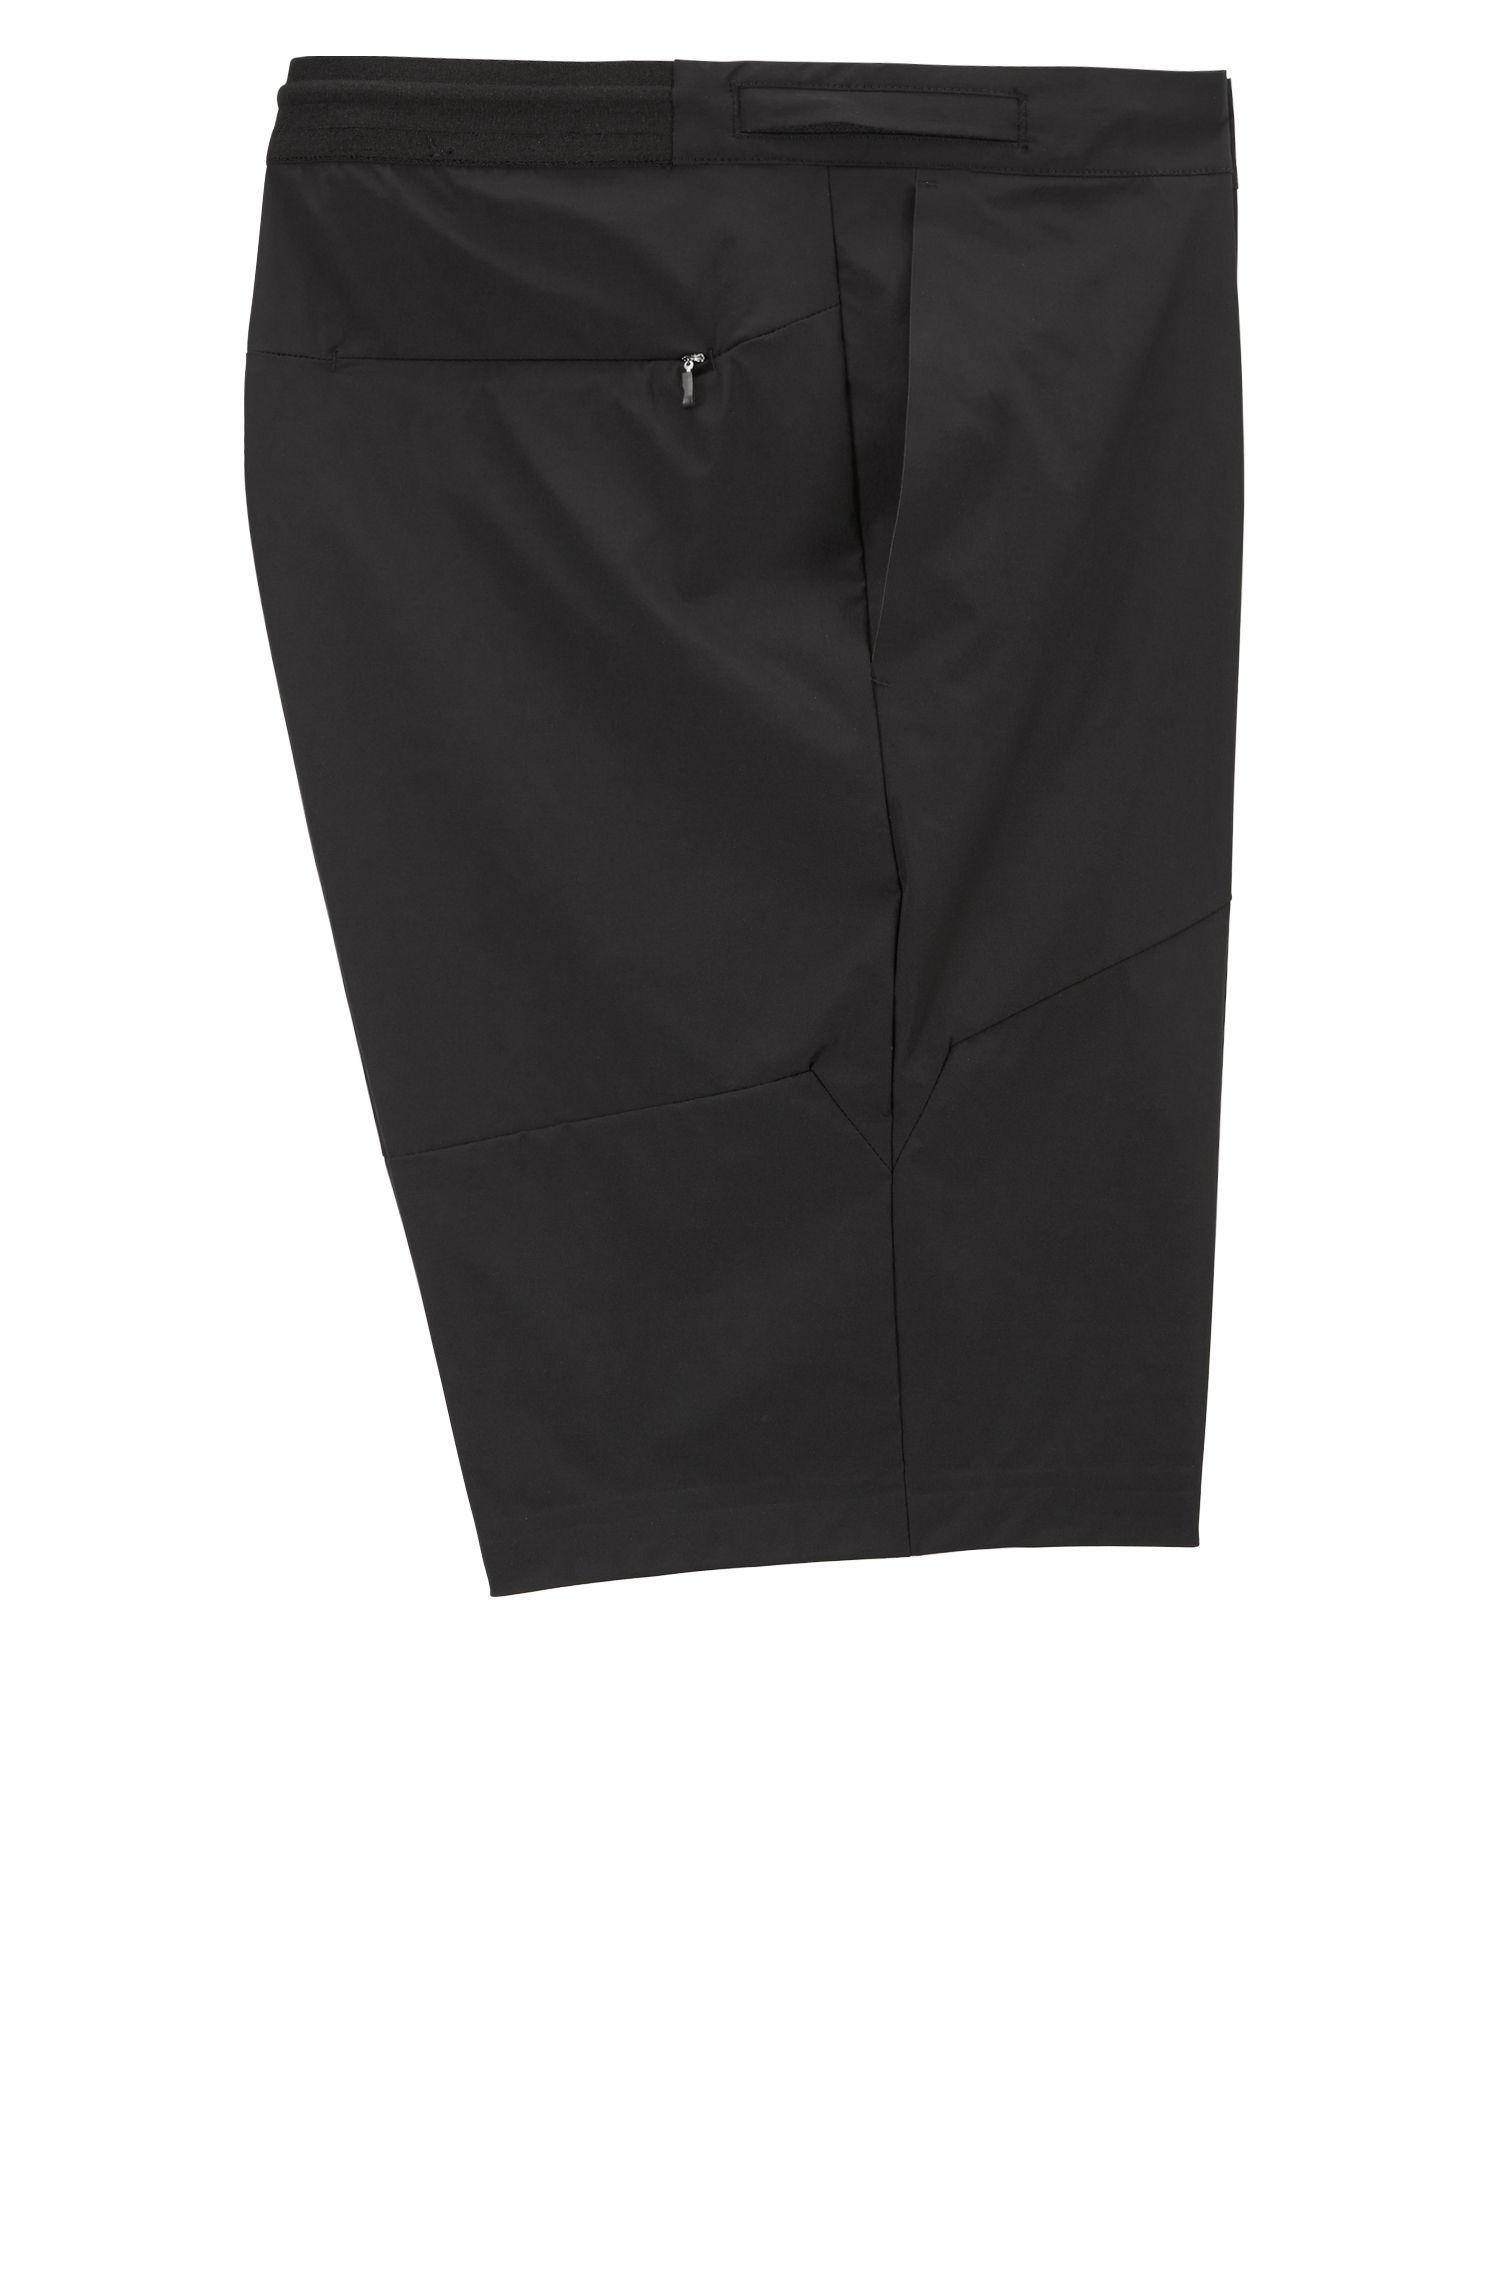 Multi-purpose slim-fit shorts in microstructured stretch fabric, Black